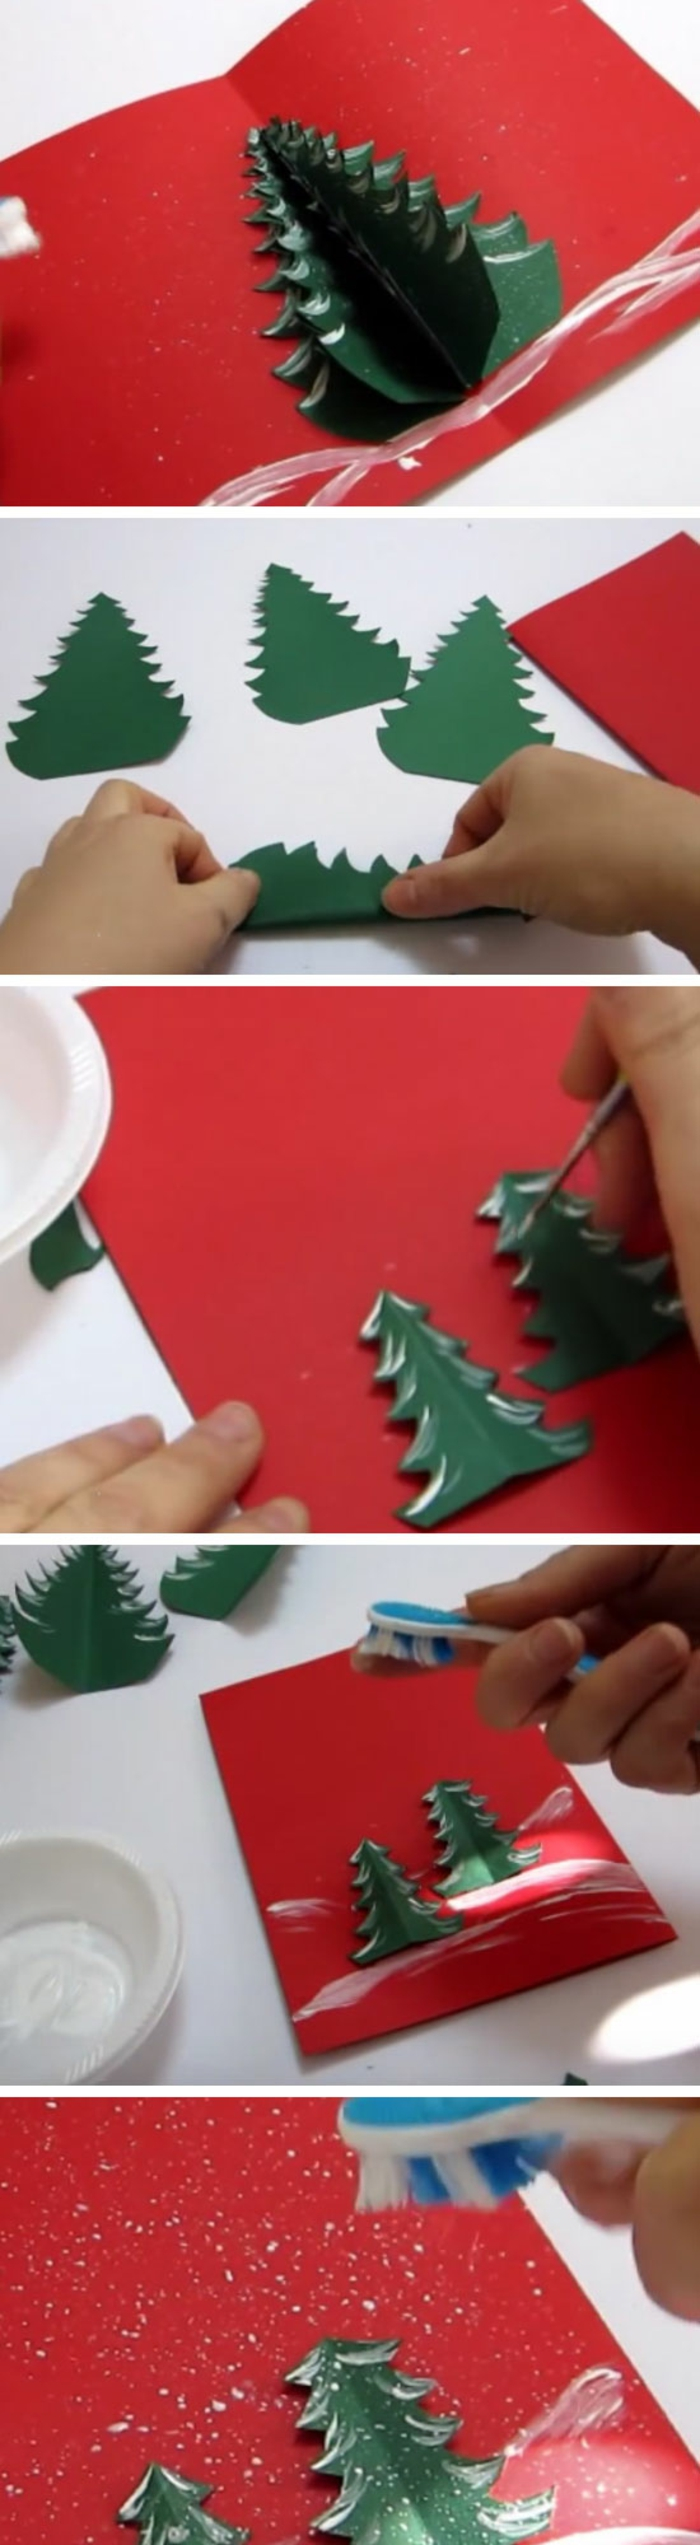 rote Karte mit Tannenbäumen verschönert, Weihnachtskarte drucken und verzieren